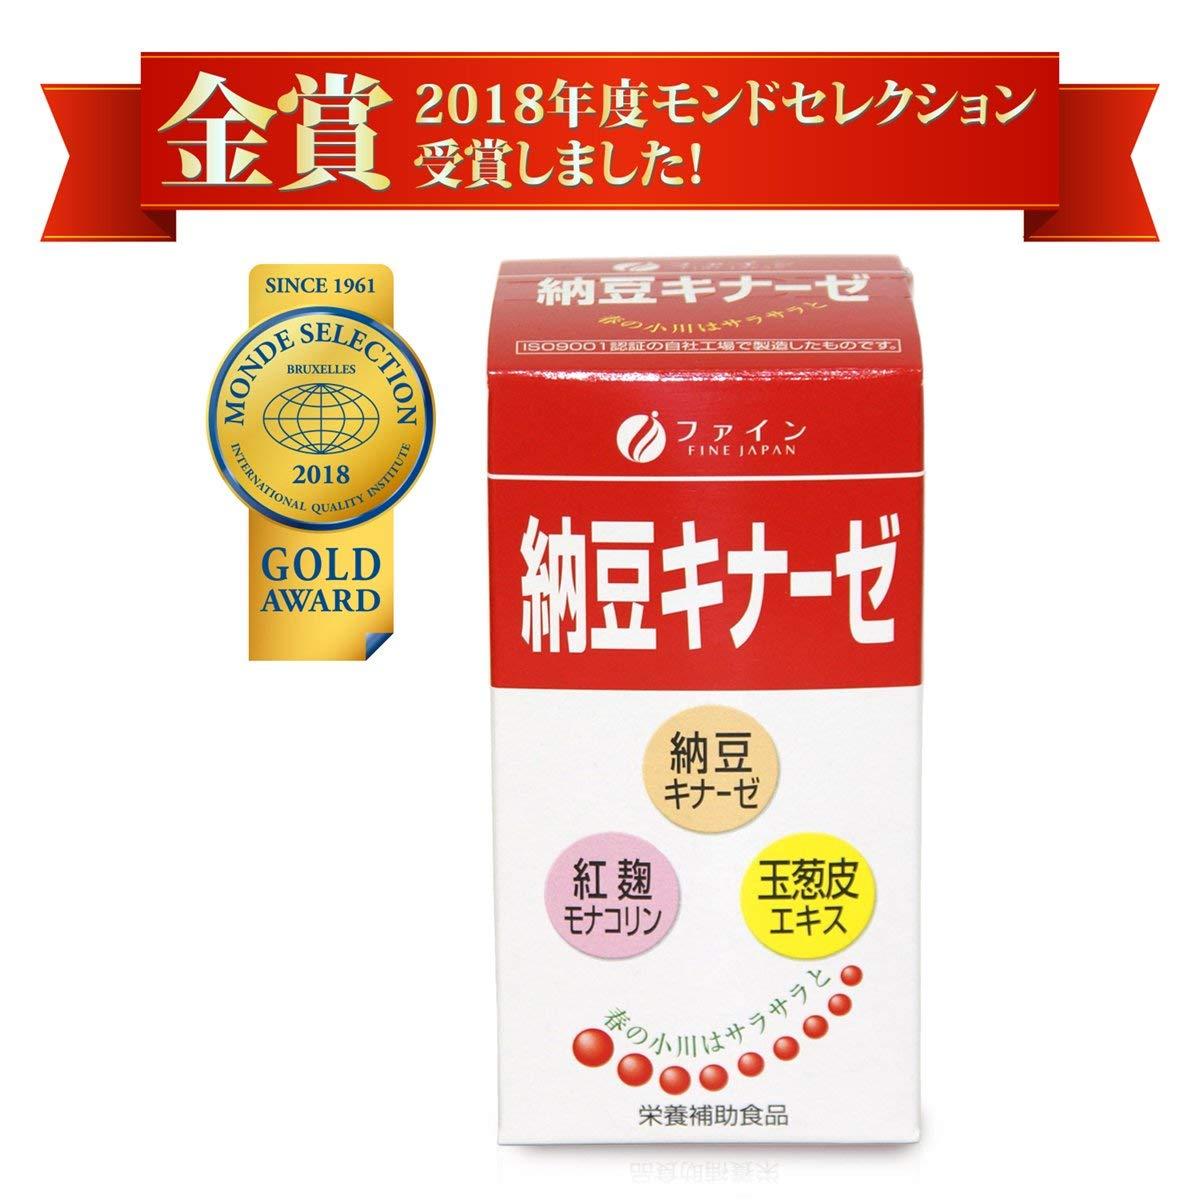 ファイン 納豆キナーゼ モナコリン タマネギ皮エキス配合 1日10〜20粒/240粒入